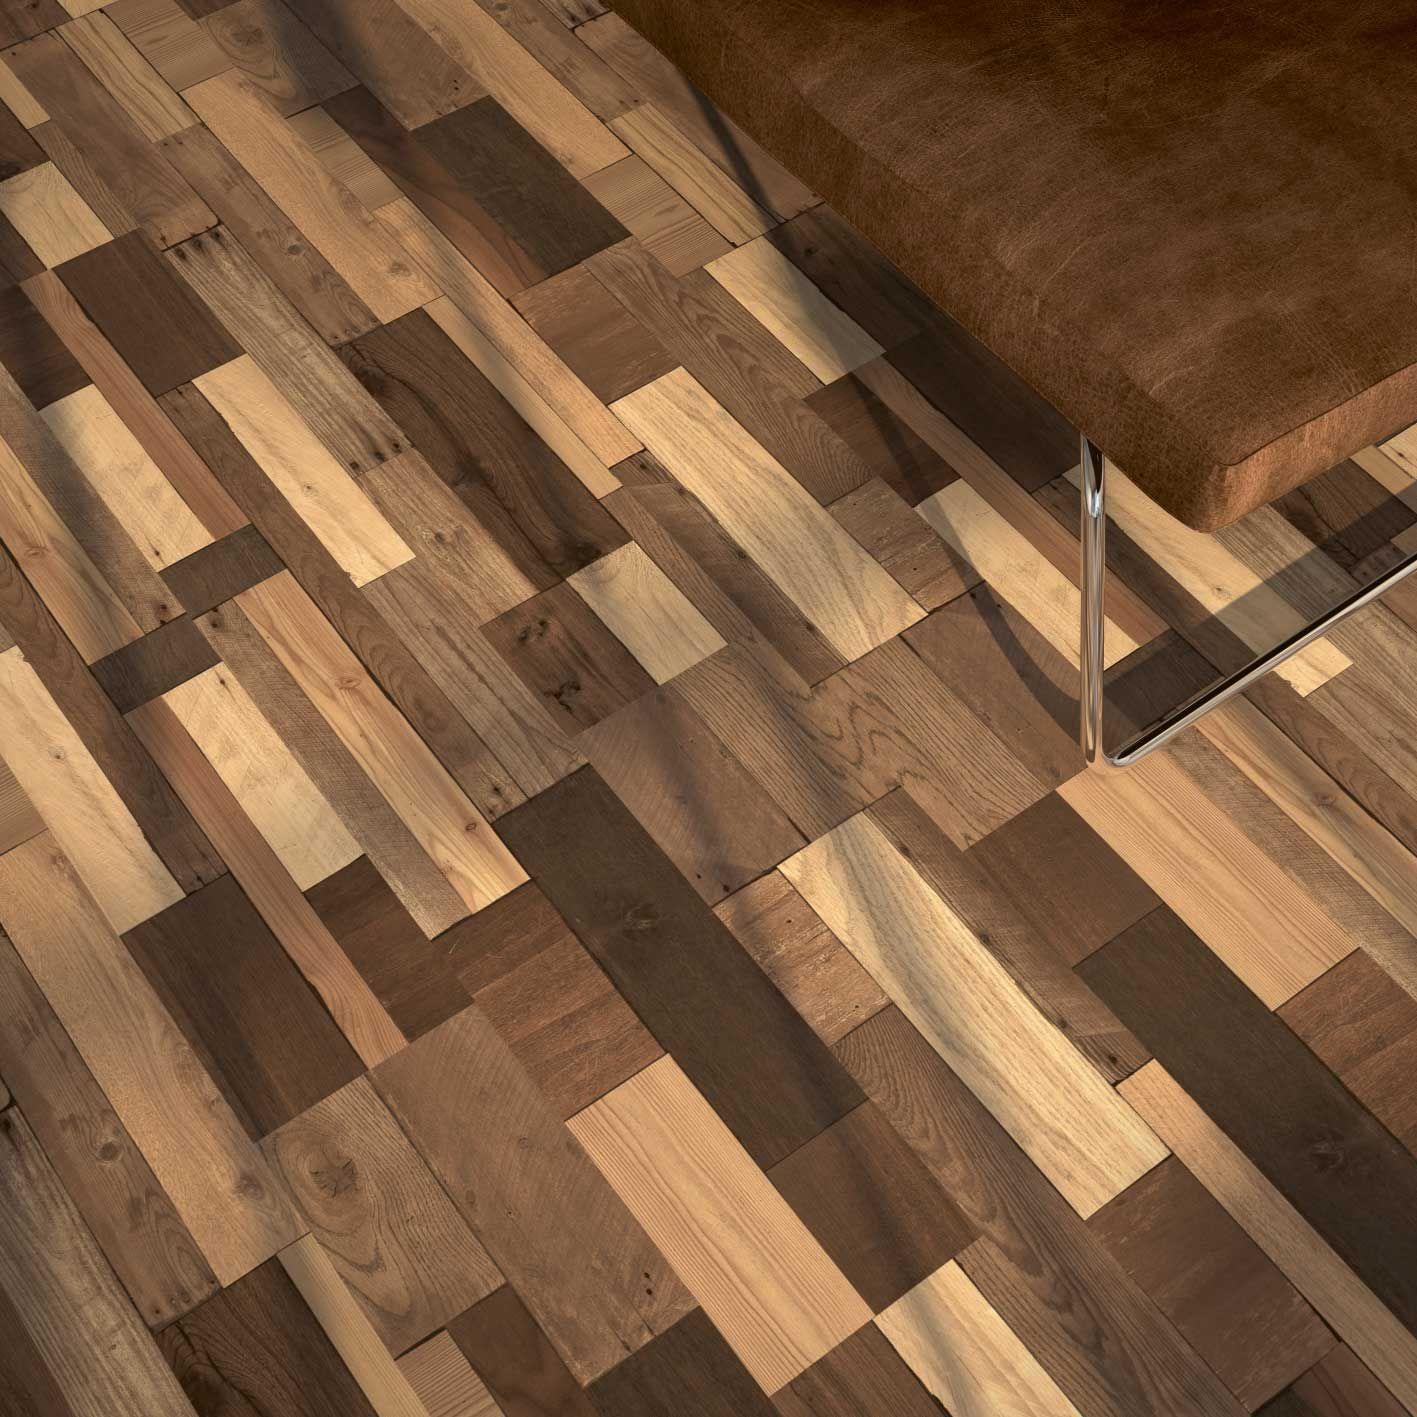 PBLA479F2 Wood laminate, Carpet flooring, Flooring